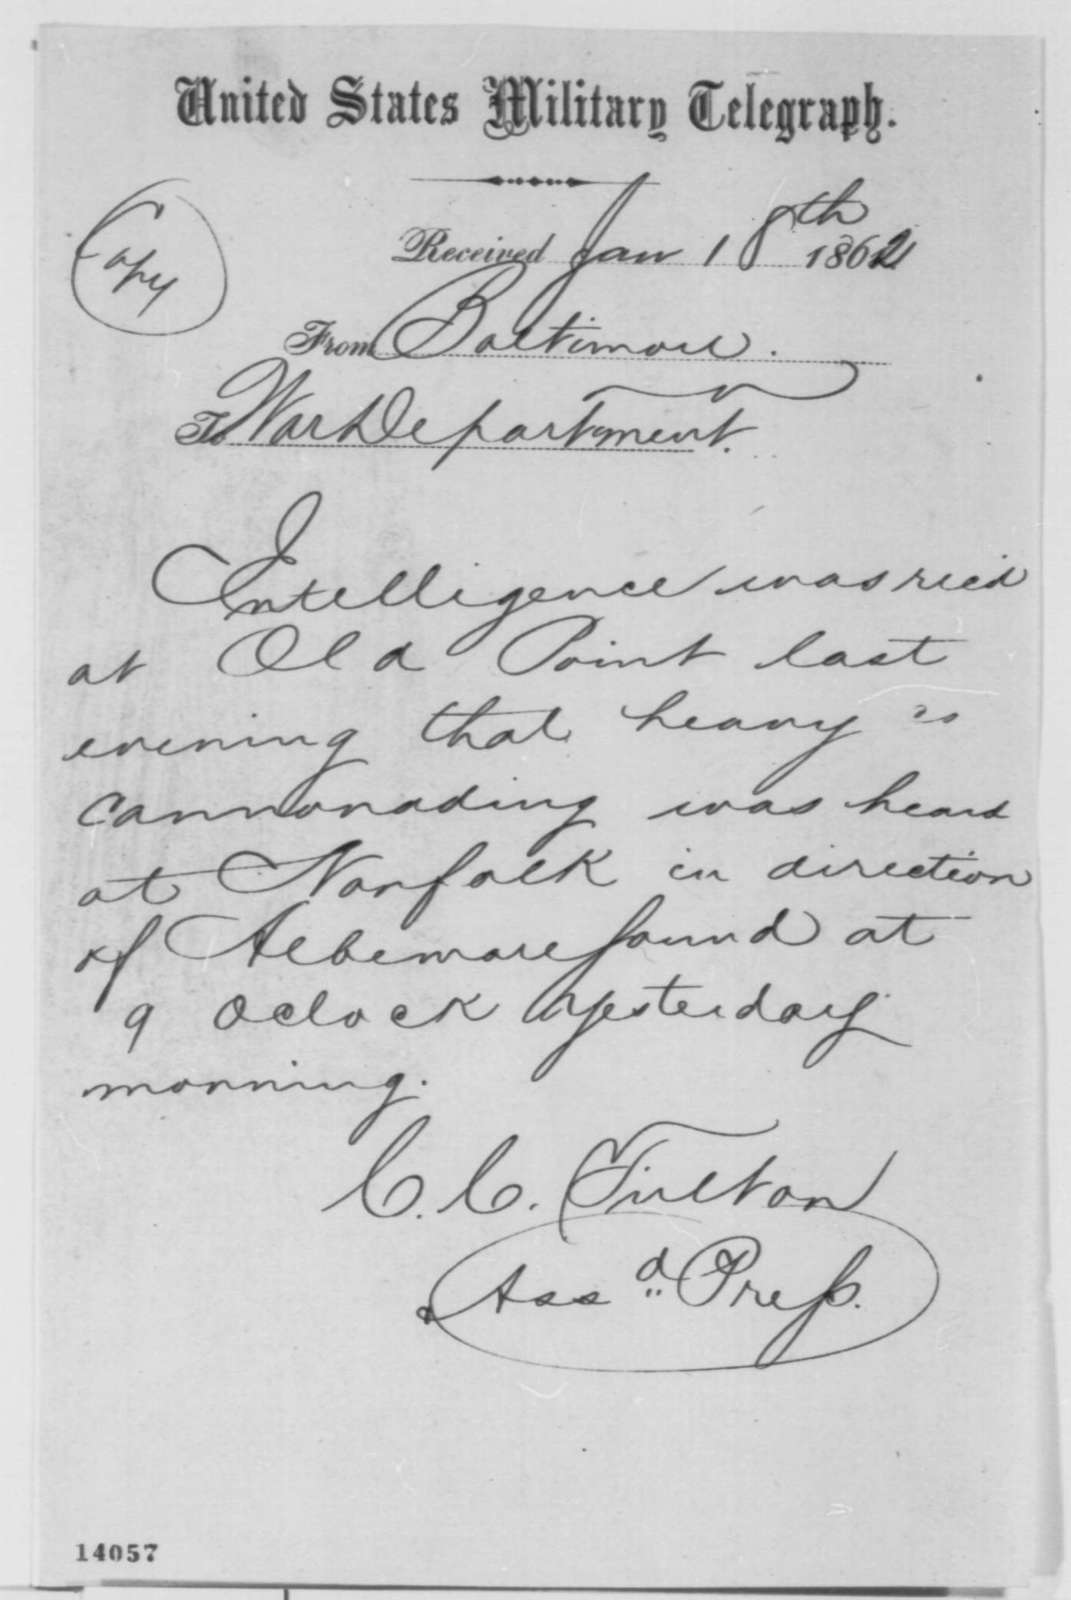 Charles C. Fulton to War Department, Saturday, January 18, 1862  (Telegram regarding military affairs)